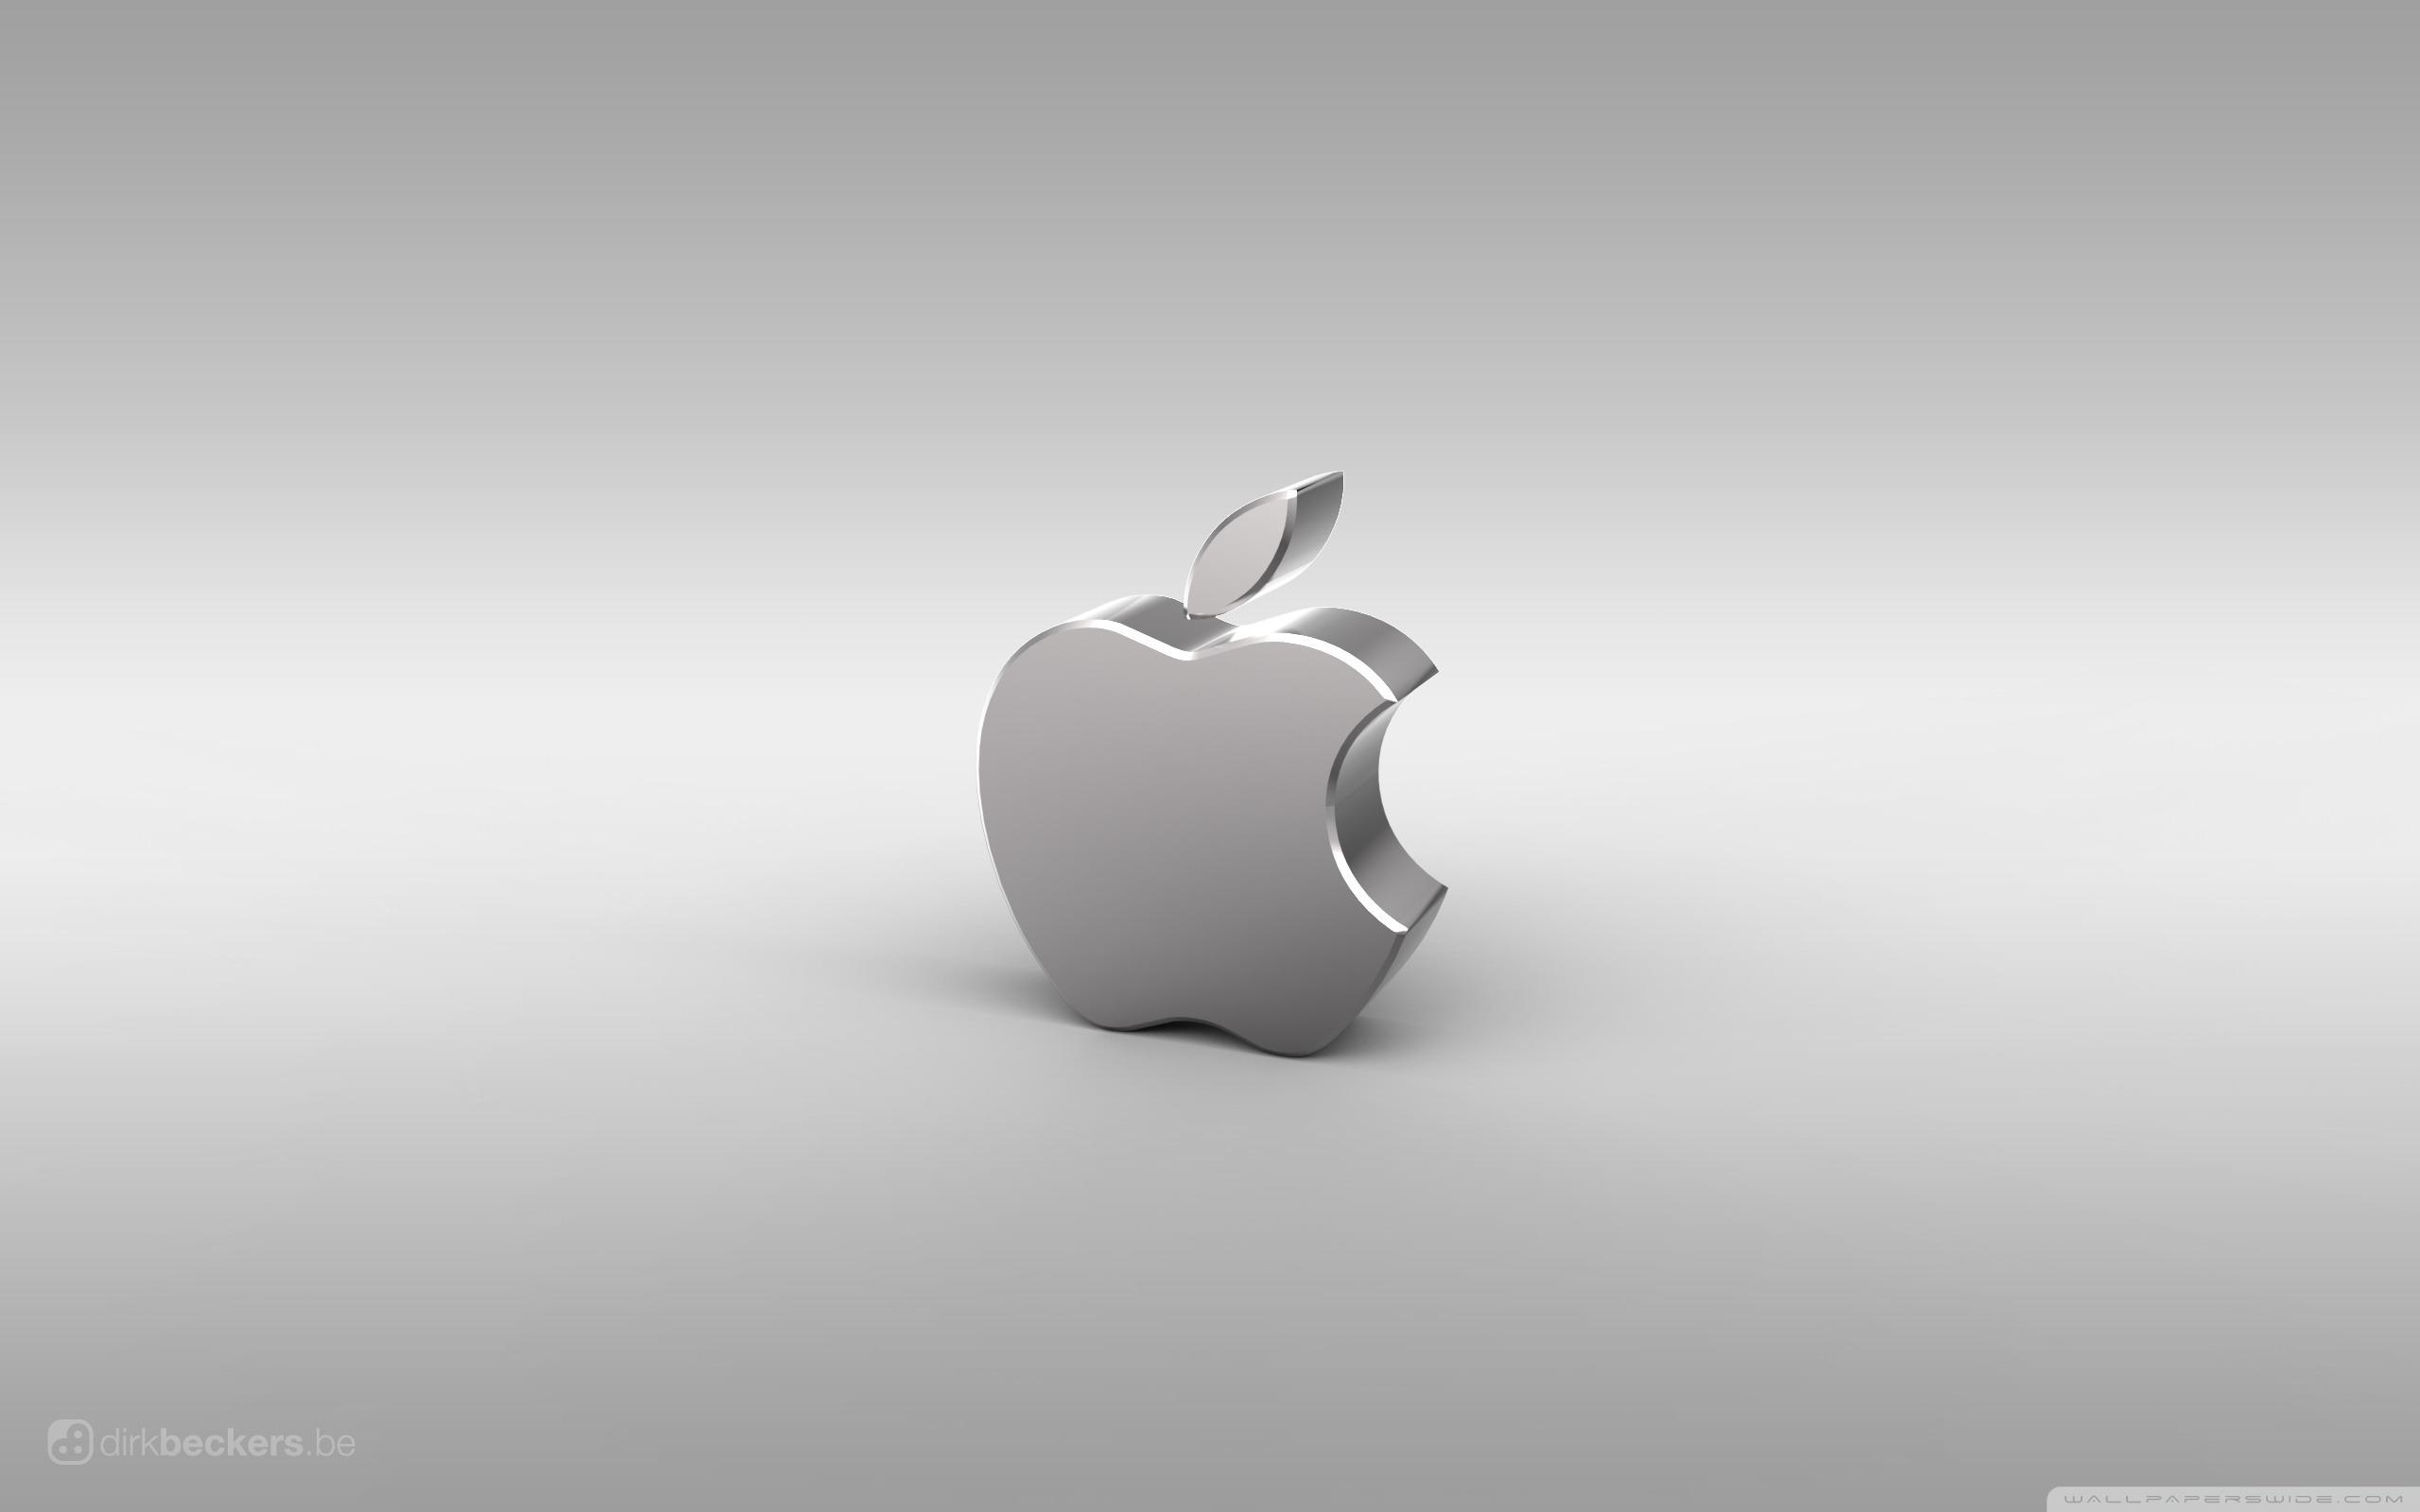 銀色のappleのロゴ 別のapple Macデスクトップの壁紙を考えるプレビュー 10wallpaper Com